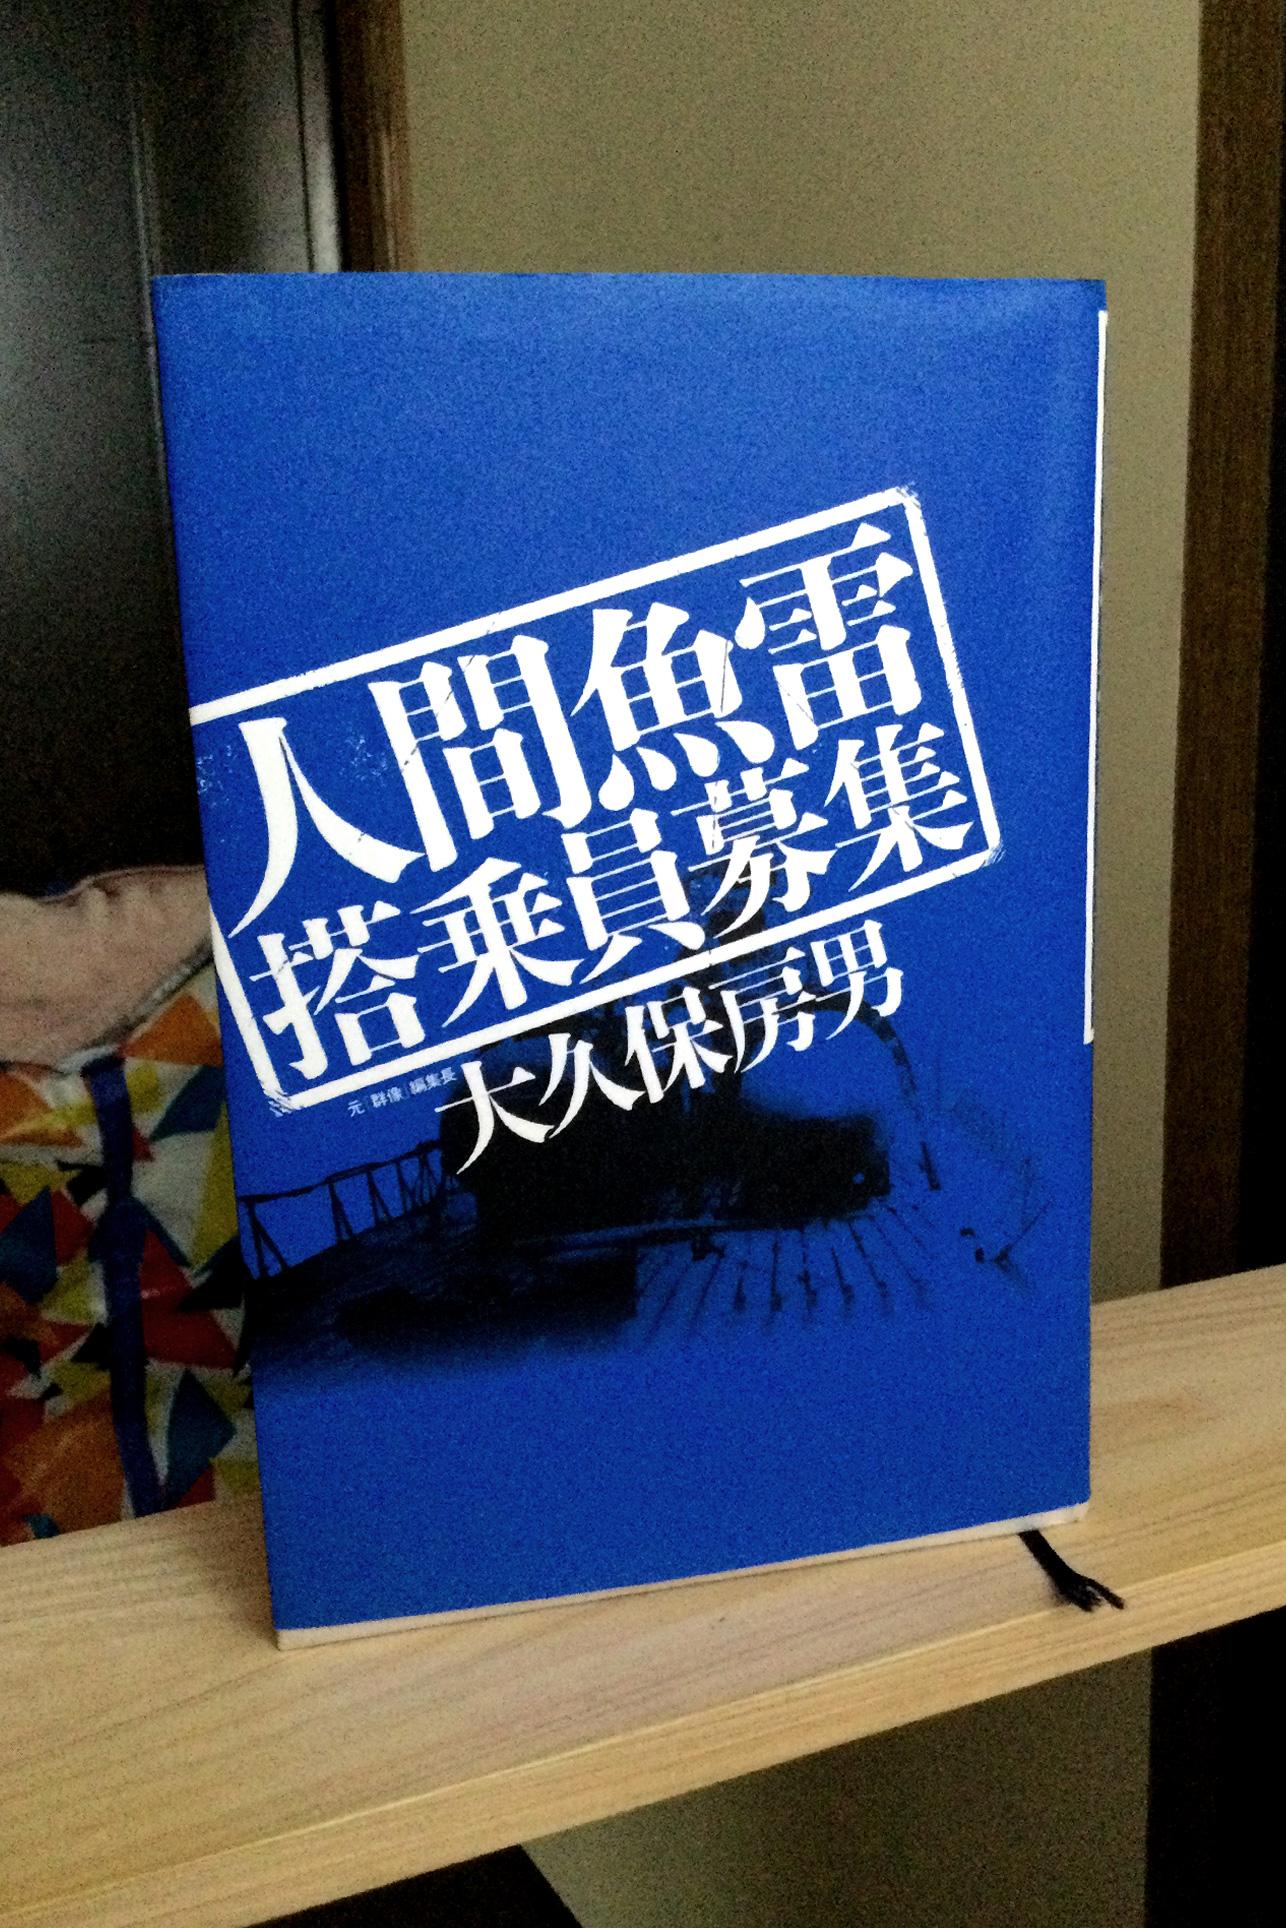 書籍人間魚雷搭乗員募集(大久保 房男/光人社)」の表紙画像